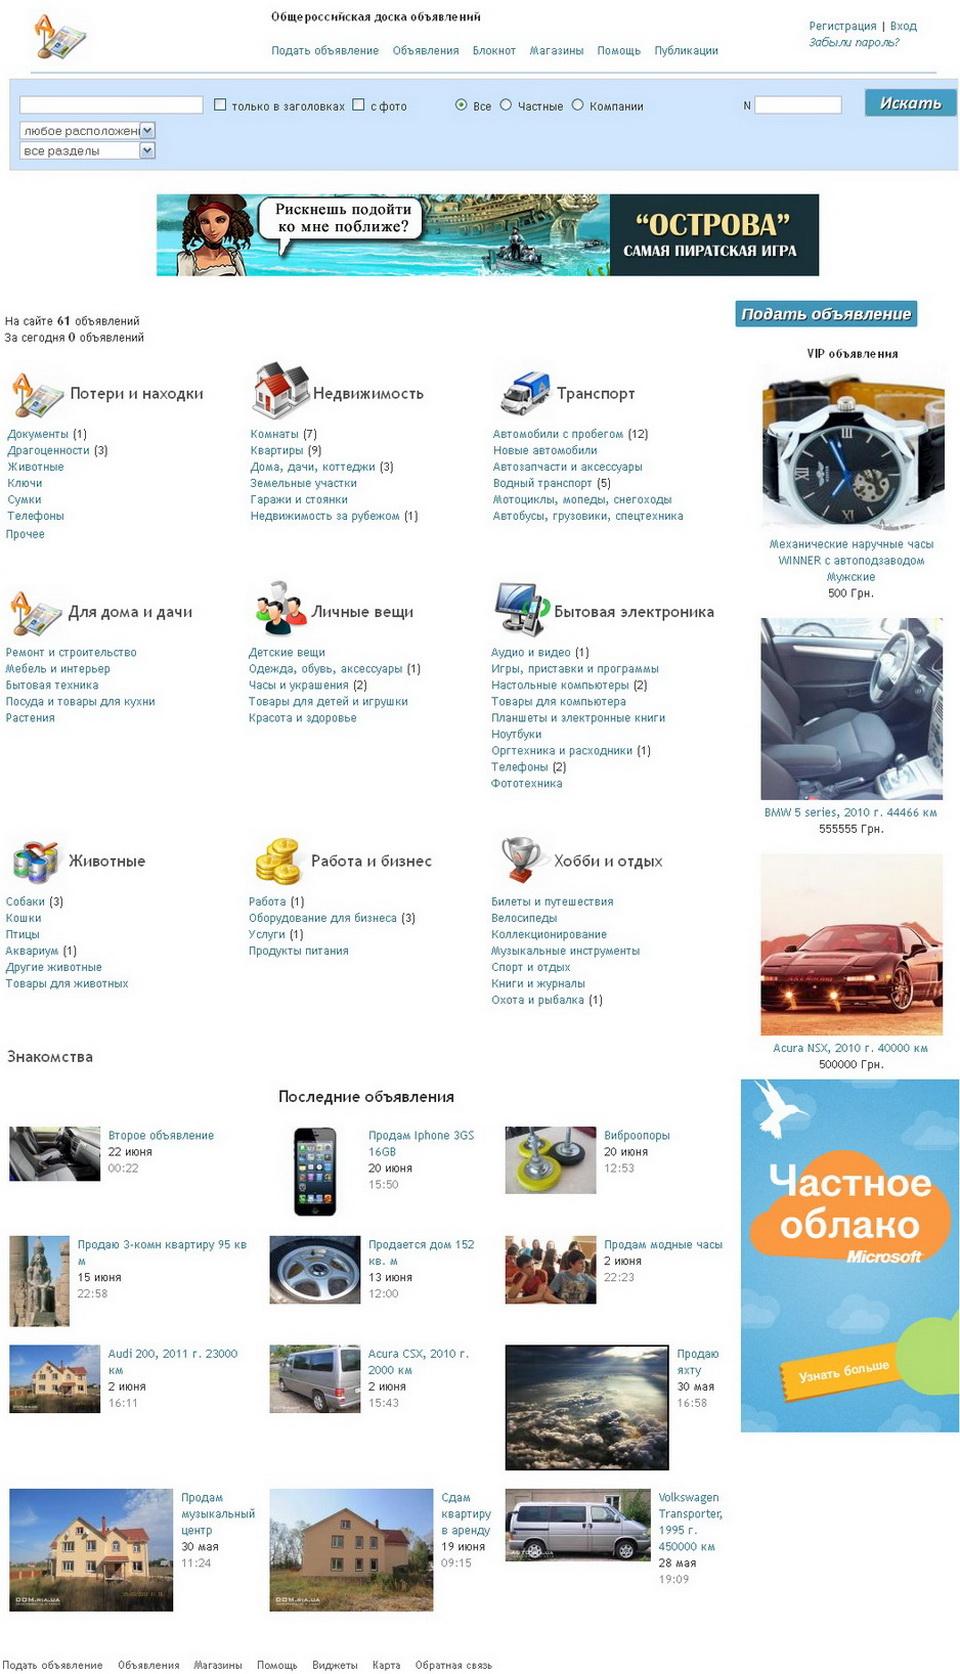 Доска объявлений site.md краснодар объявления работа требуется